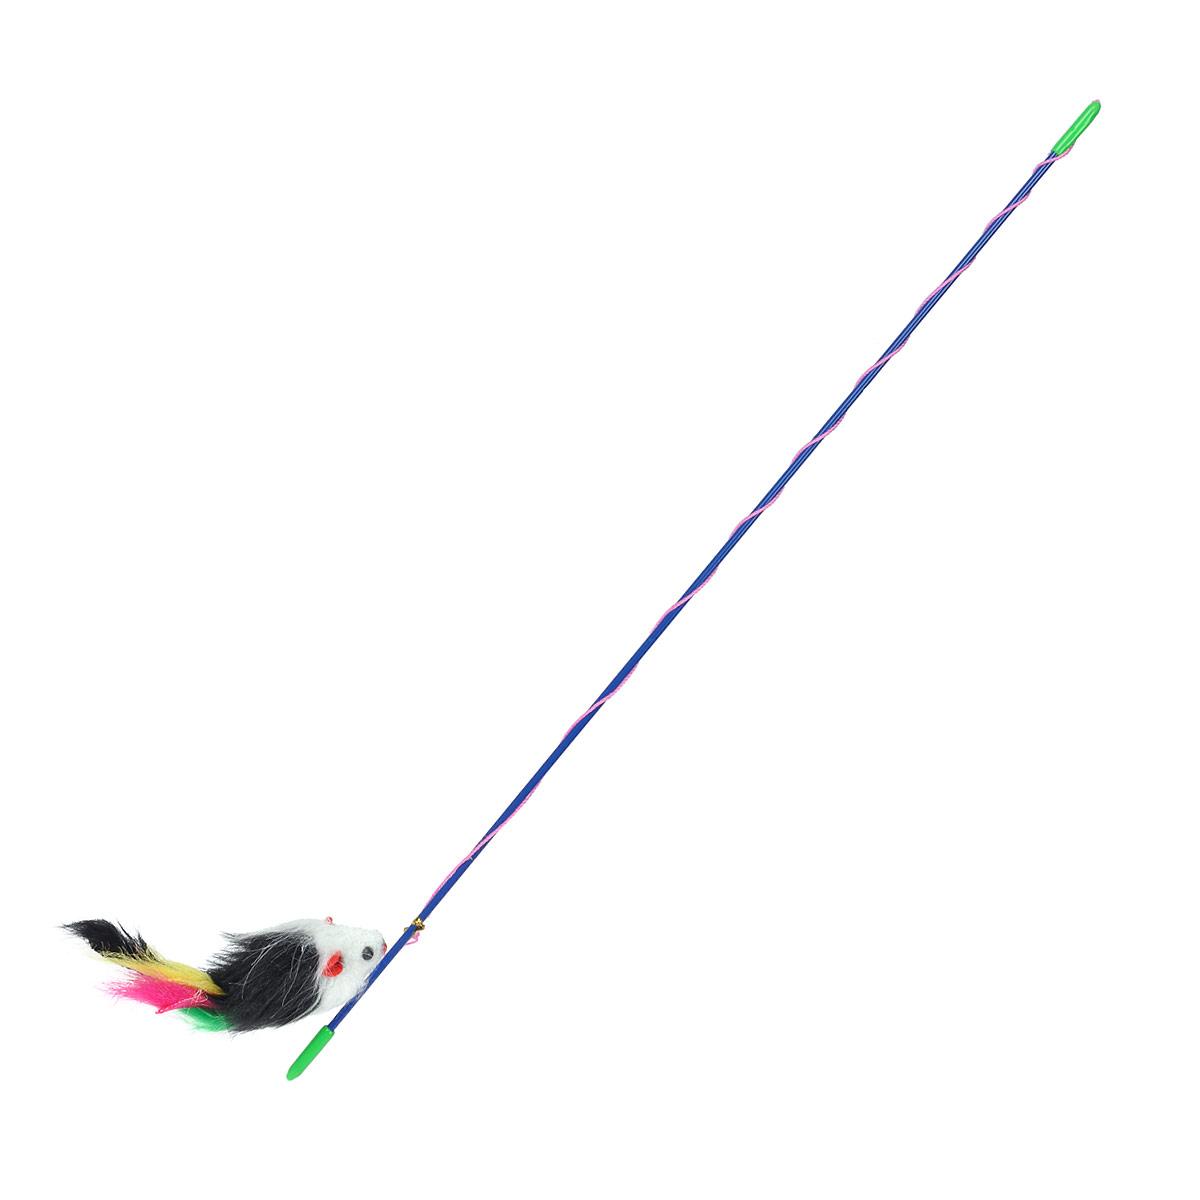 """Игрушка для кошек I.P.T.S. """"Удочка с мышью и перьями"""", длина 46 см"""